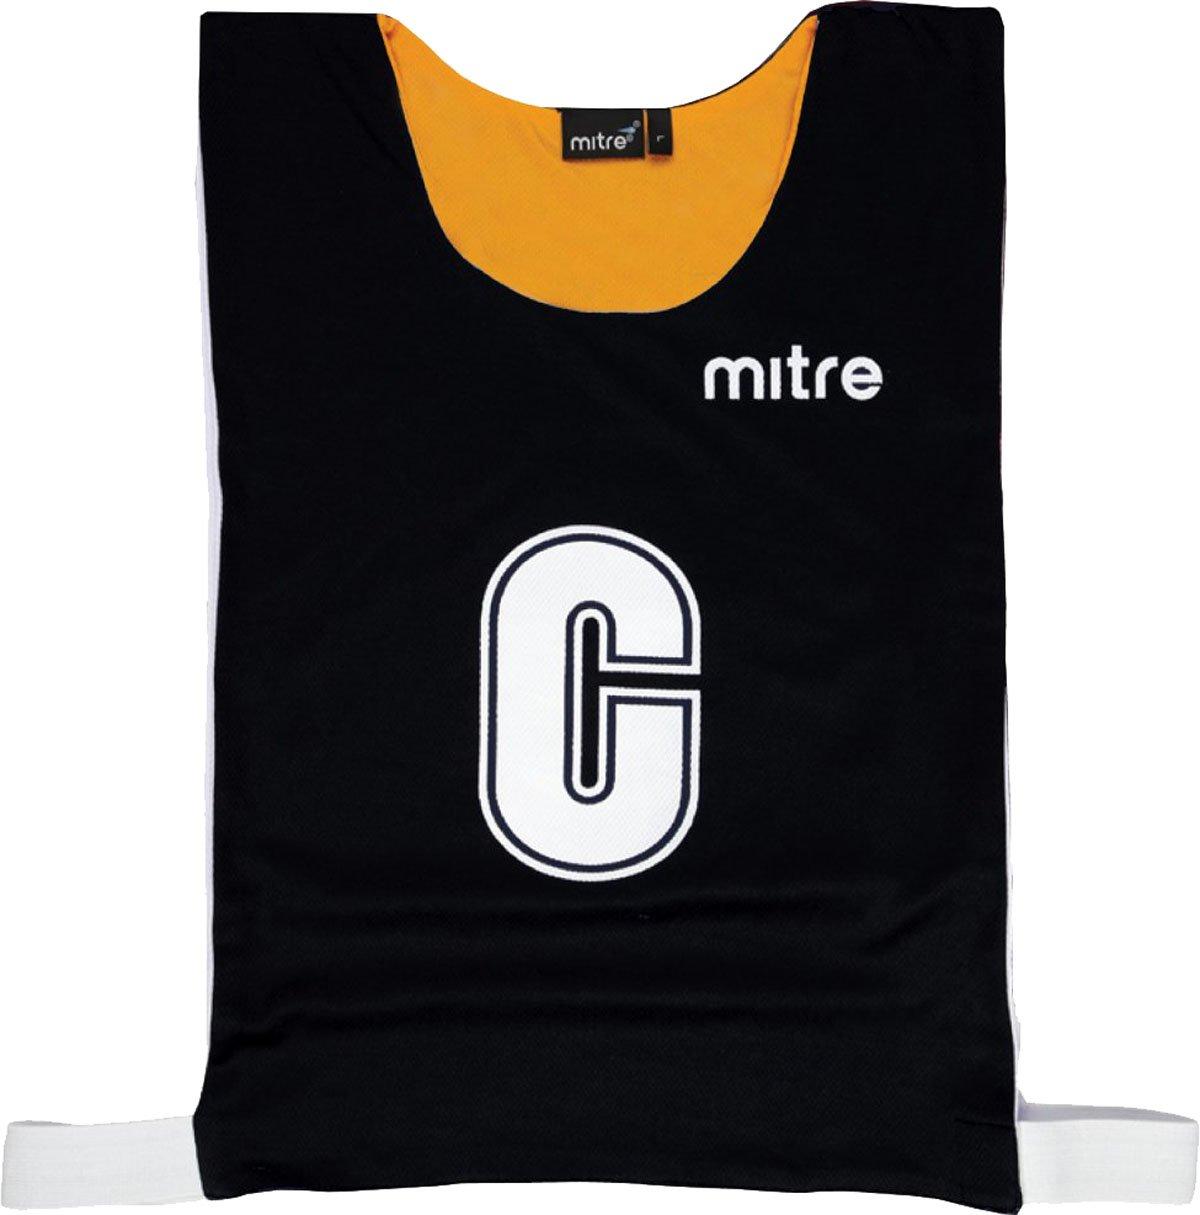 Mitre Pro NetballスポーツチームアクティブウェアリバーシブルポリエステルBibsのセット7 B01CSU05KOSKY/Nvy Large